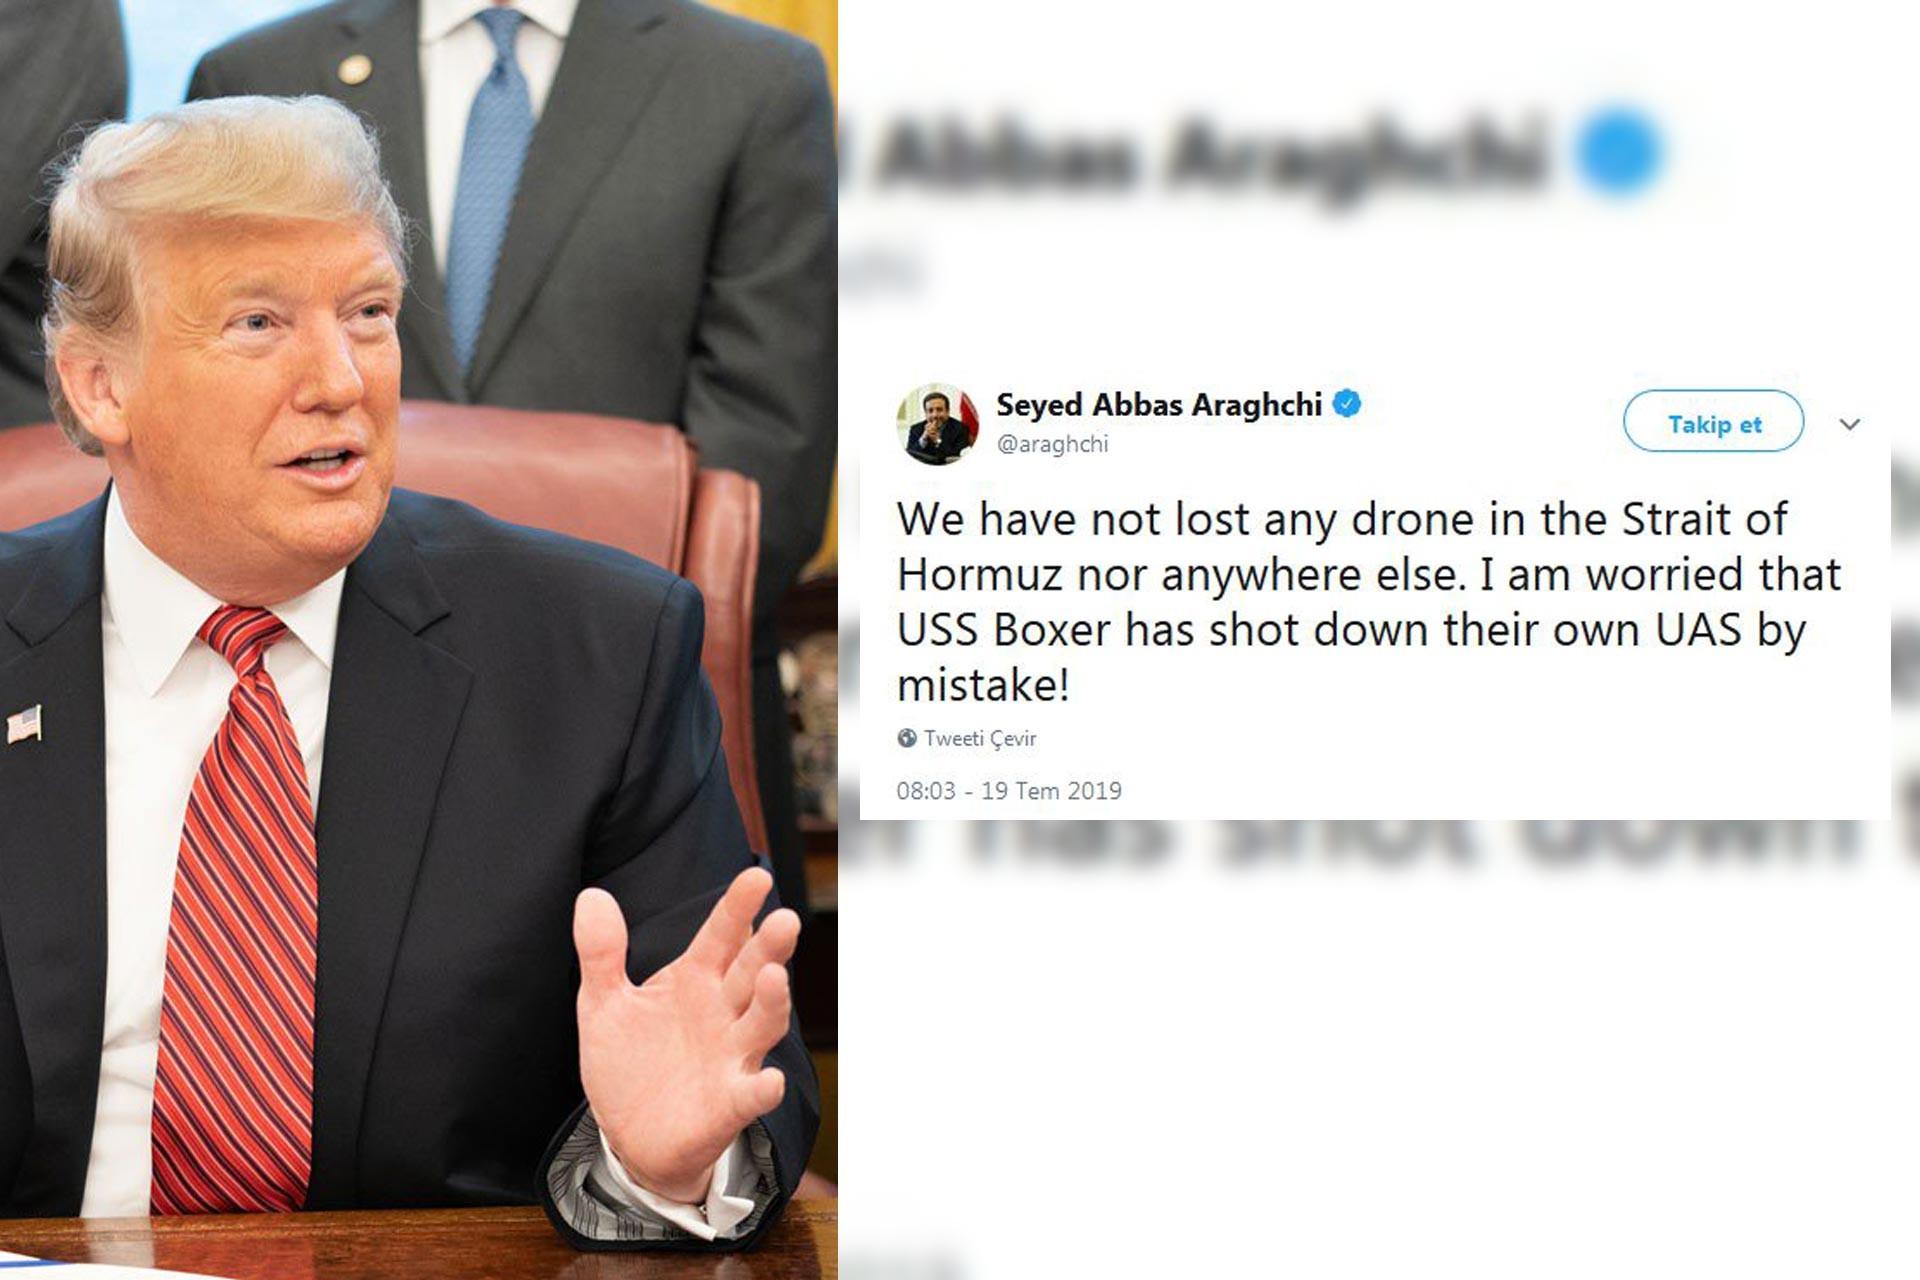 Trump: İran'ın insansız hava aracını vurduk | İran: Kendi drone'unuz olabilir